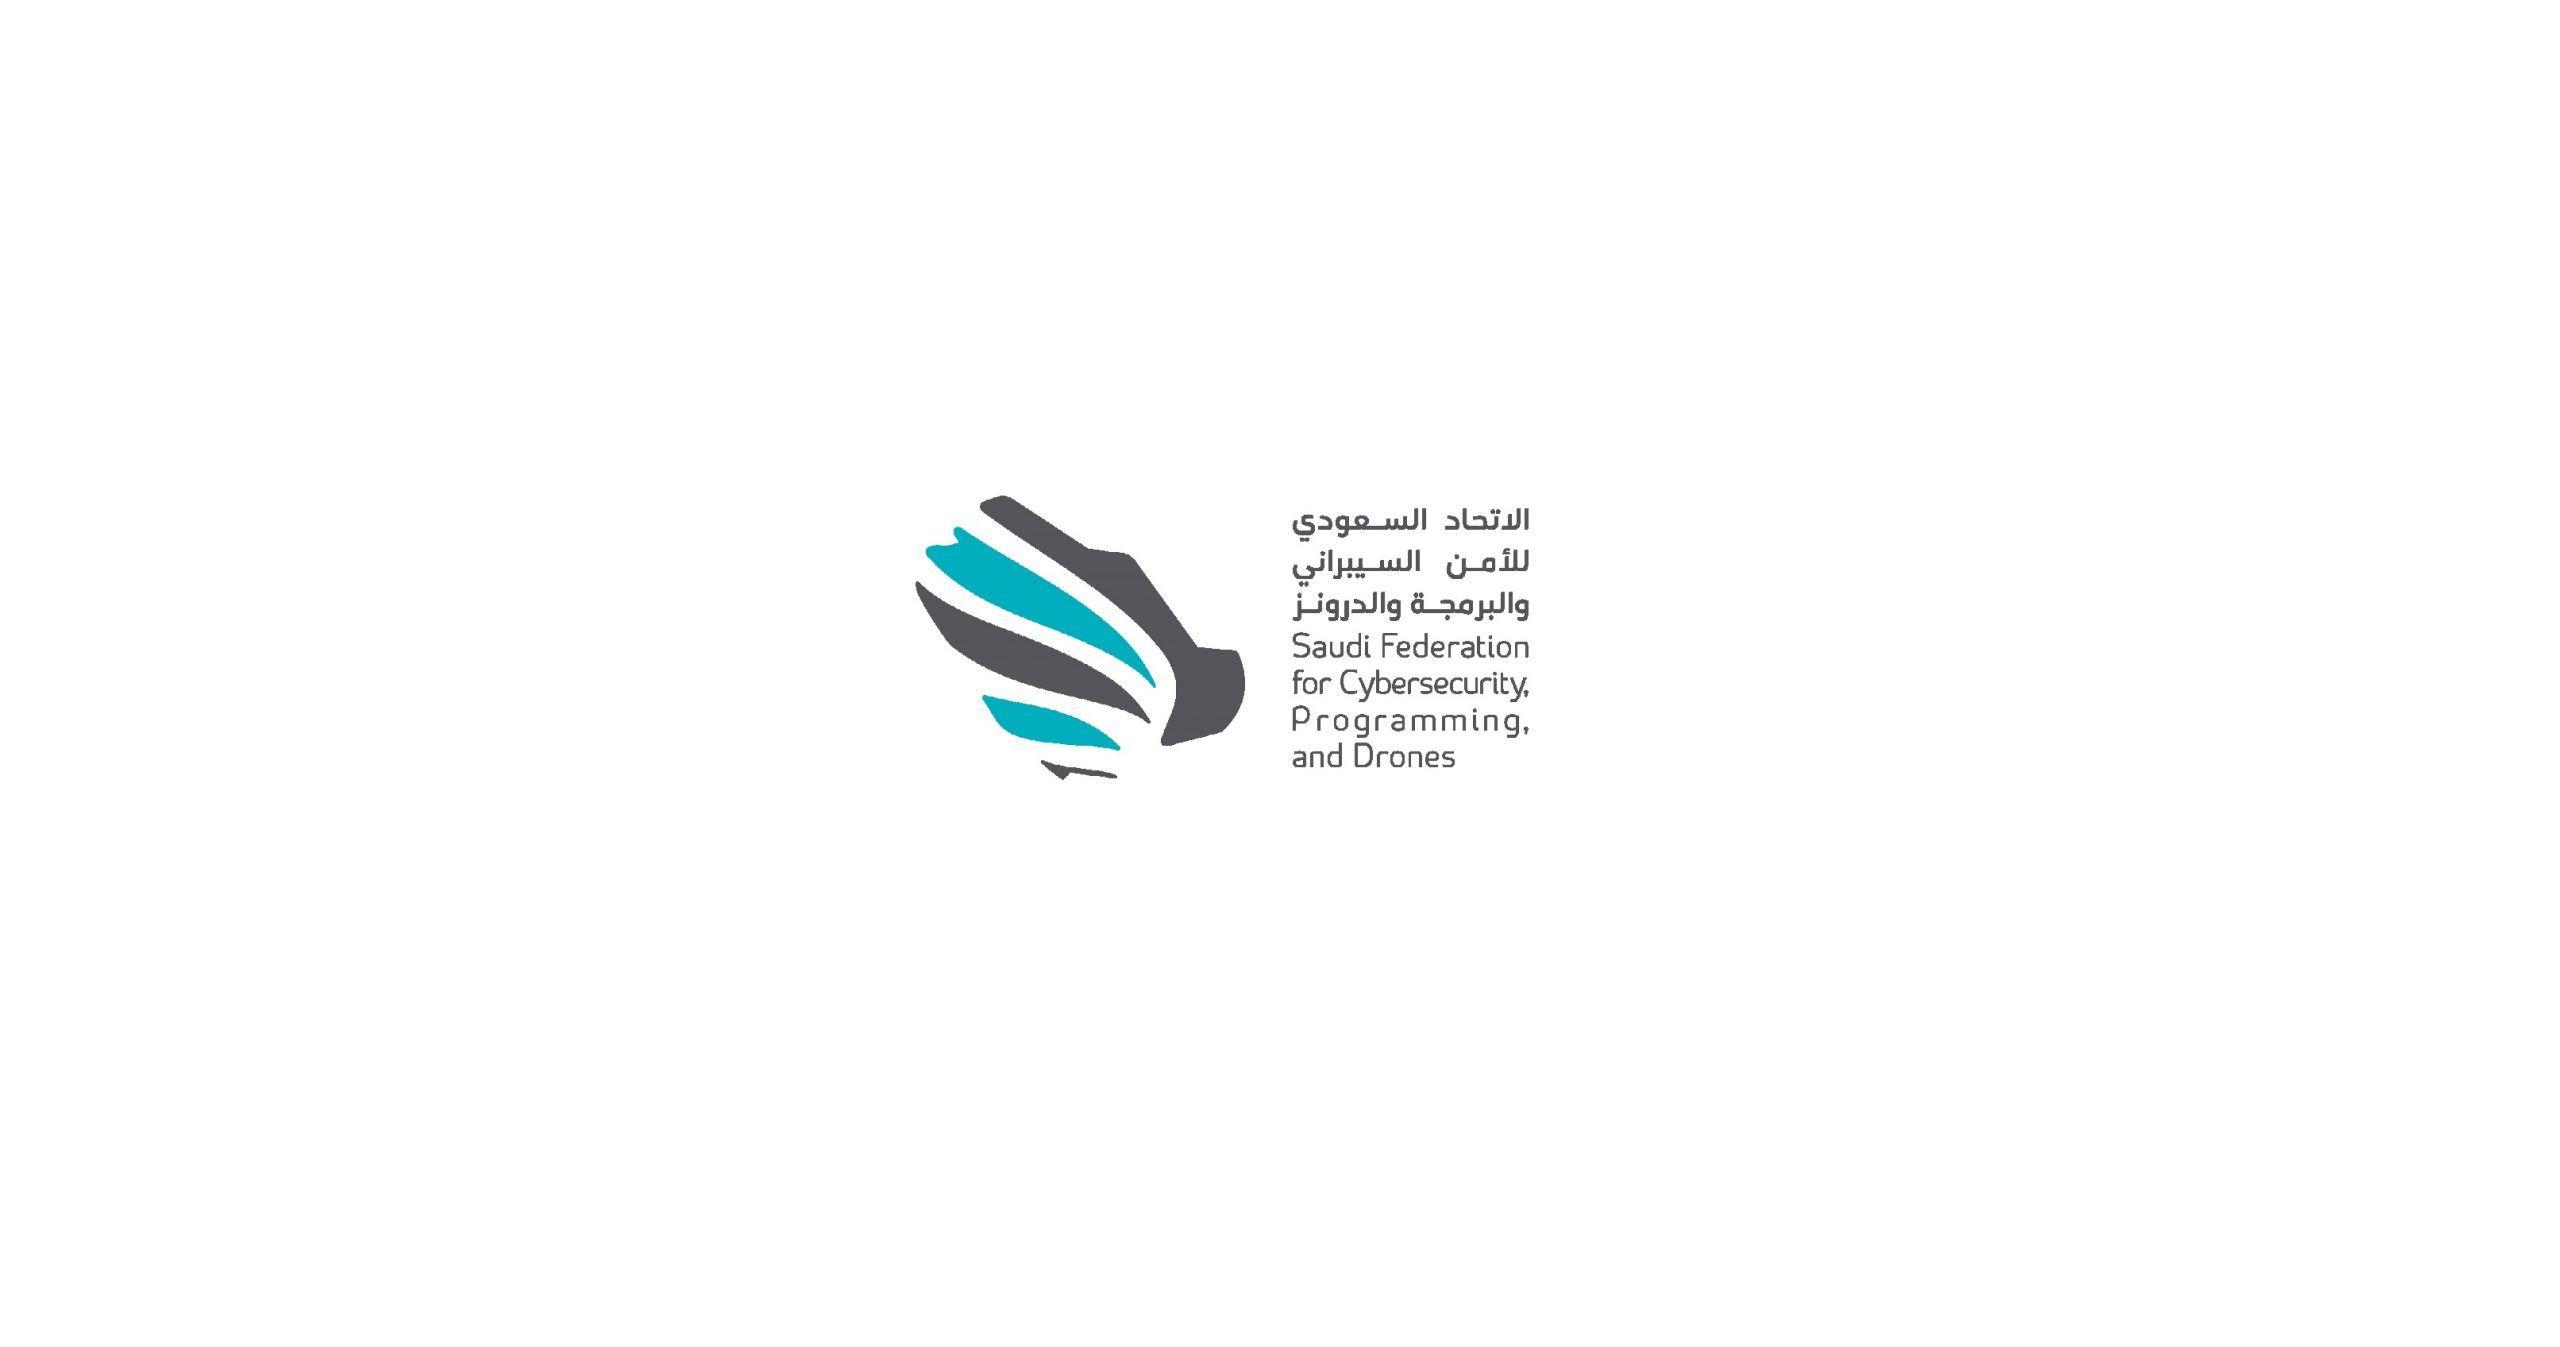 الاتحاد السعودي للأمن السيبراني والبرمجة والدرونز توفر وظائف شاغرة للعمل بمدينة الرياض بمسمى مط